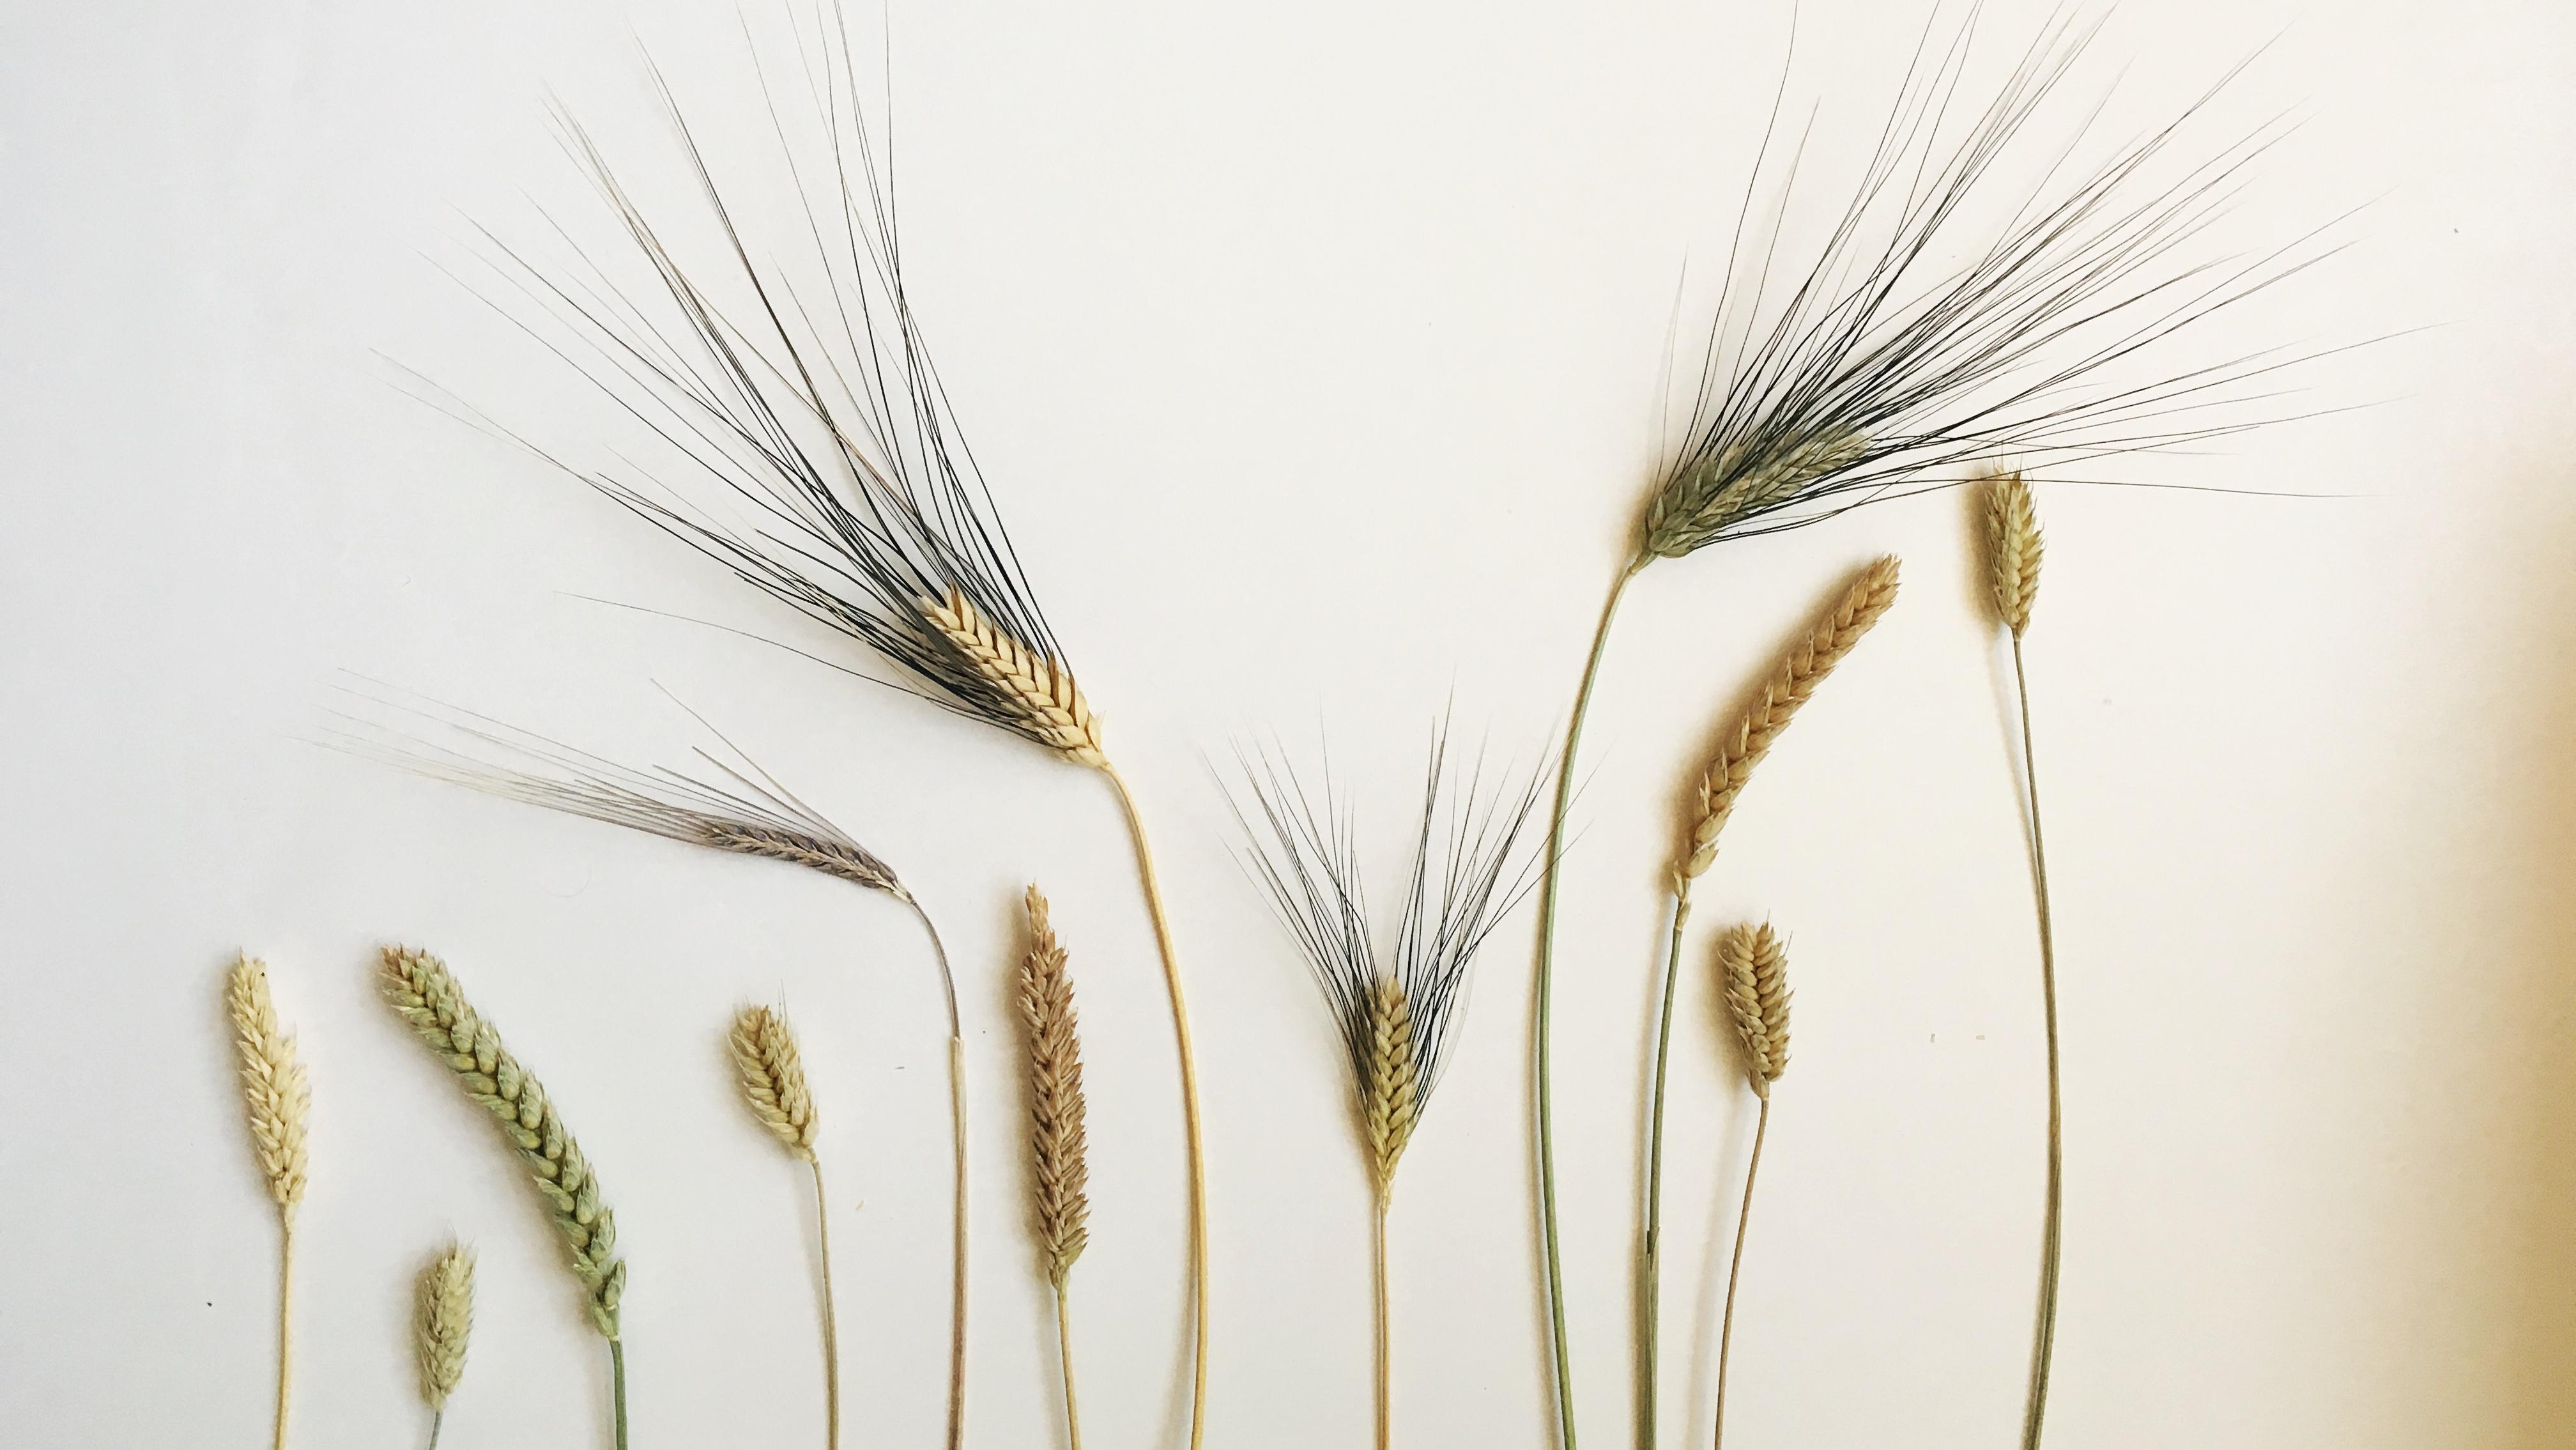 A sampling of Hayden Flour Mills' different heritage wheat varietals